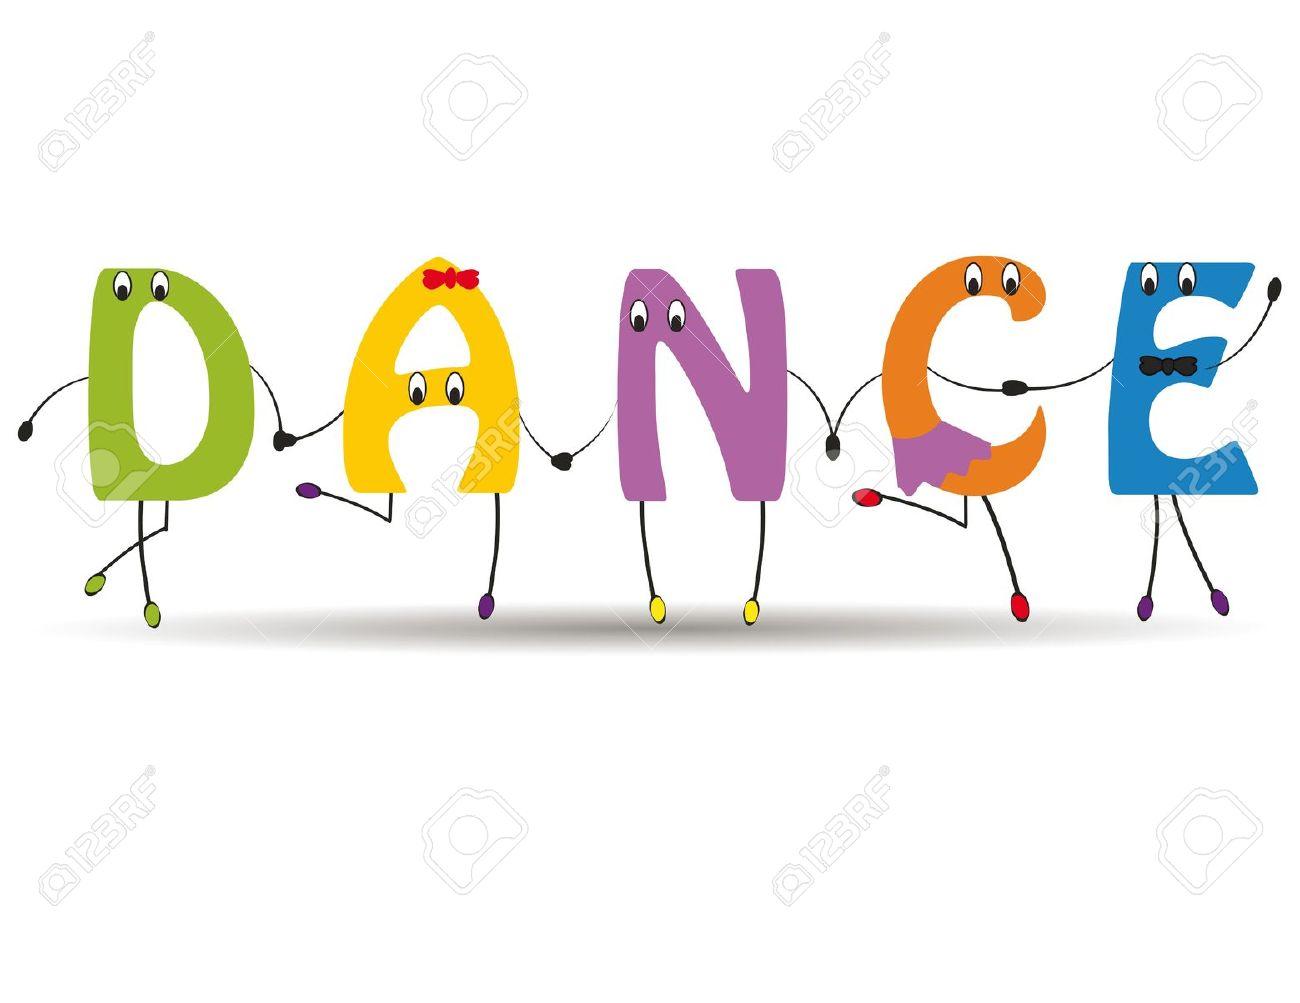 Danse clipart elementary school Preschool Freeze Plan Dance Freeze